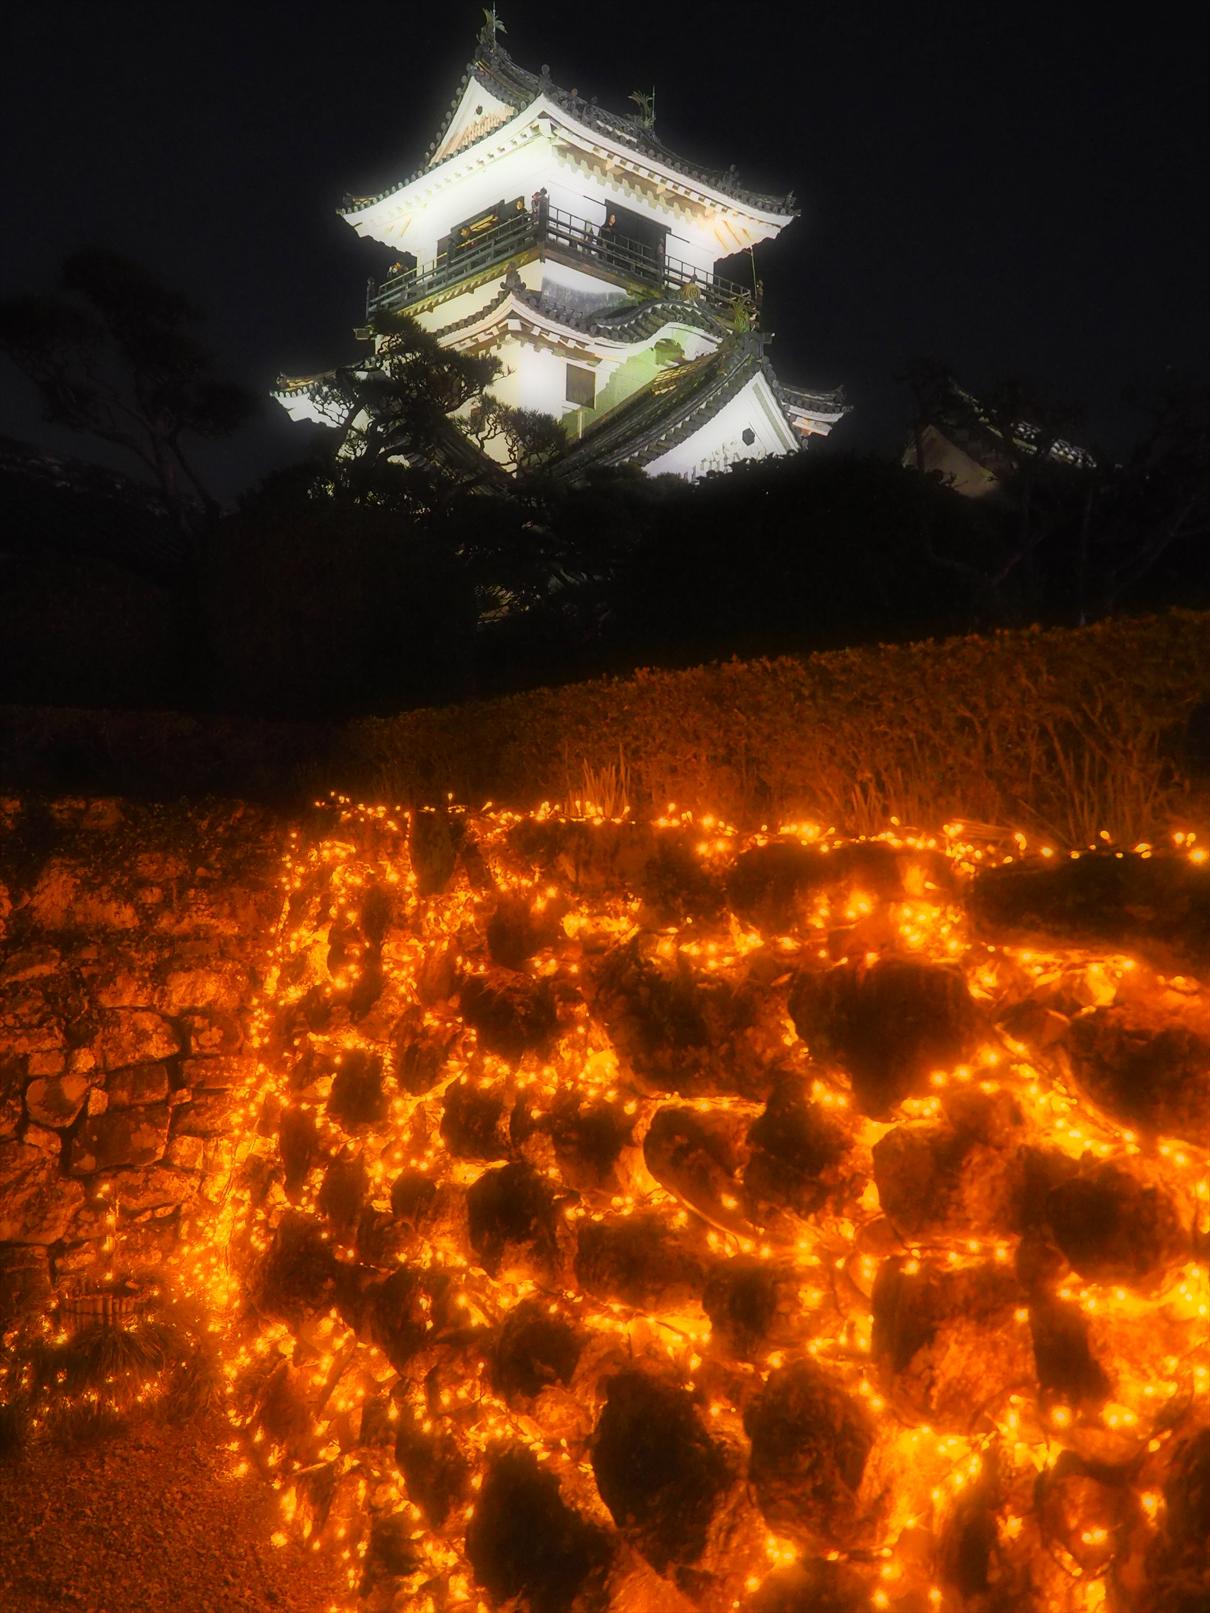 冬の夜のお城まつり 本丸